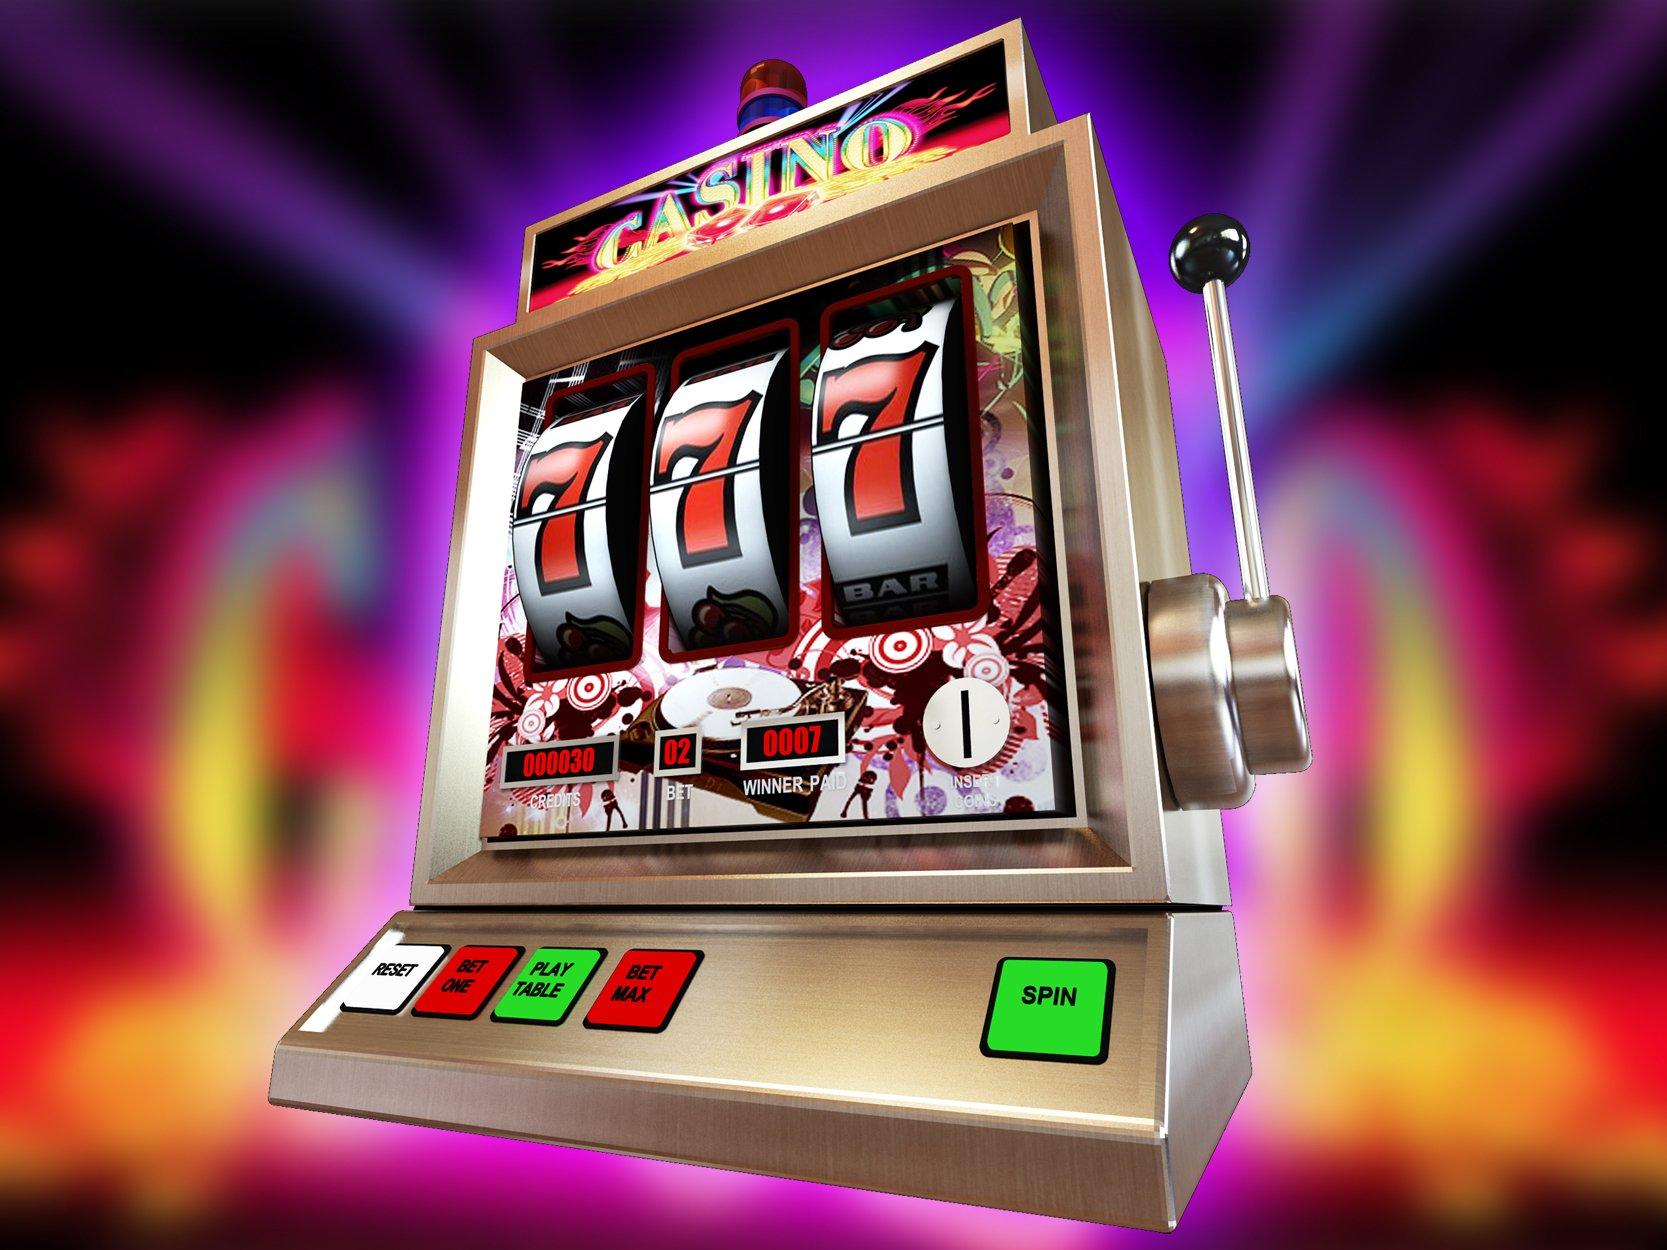 Membaca Artikel Slot Online, Apa Manfaat yang Didapatkan?